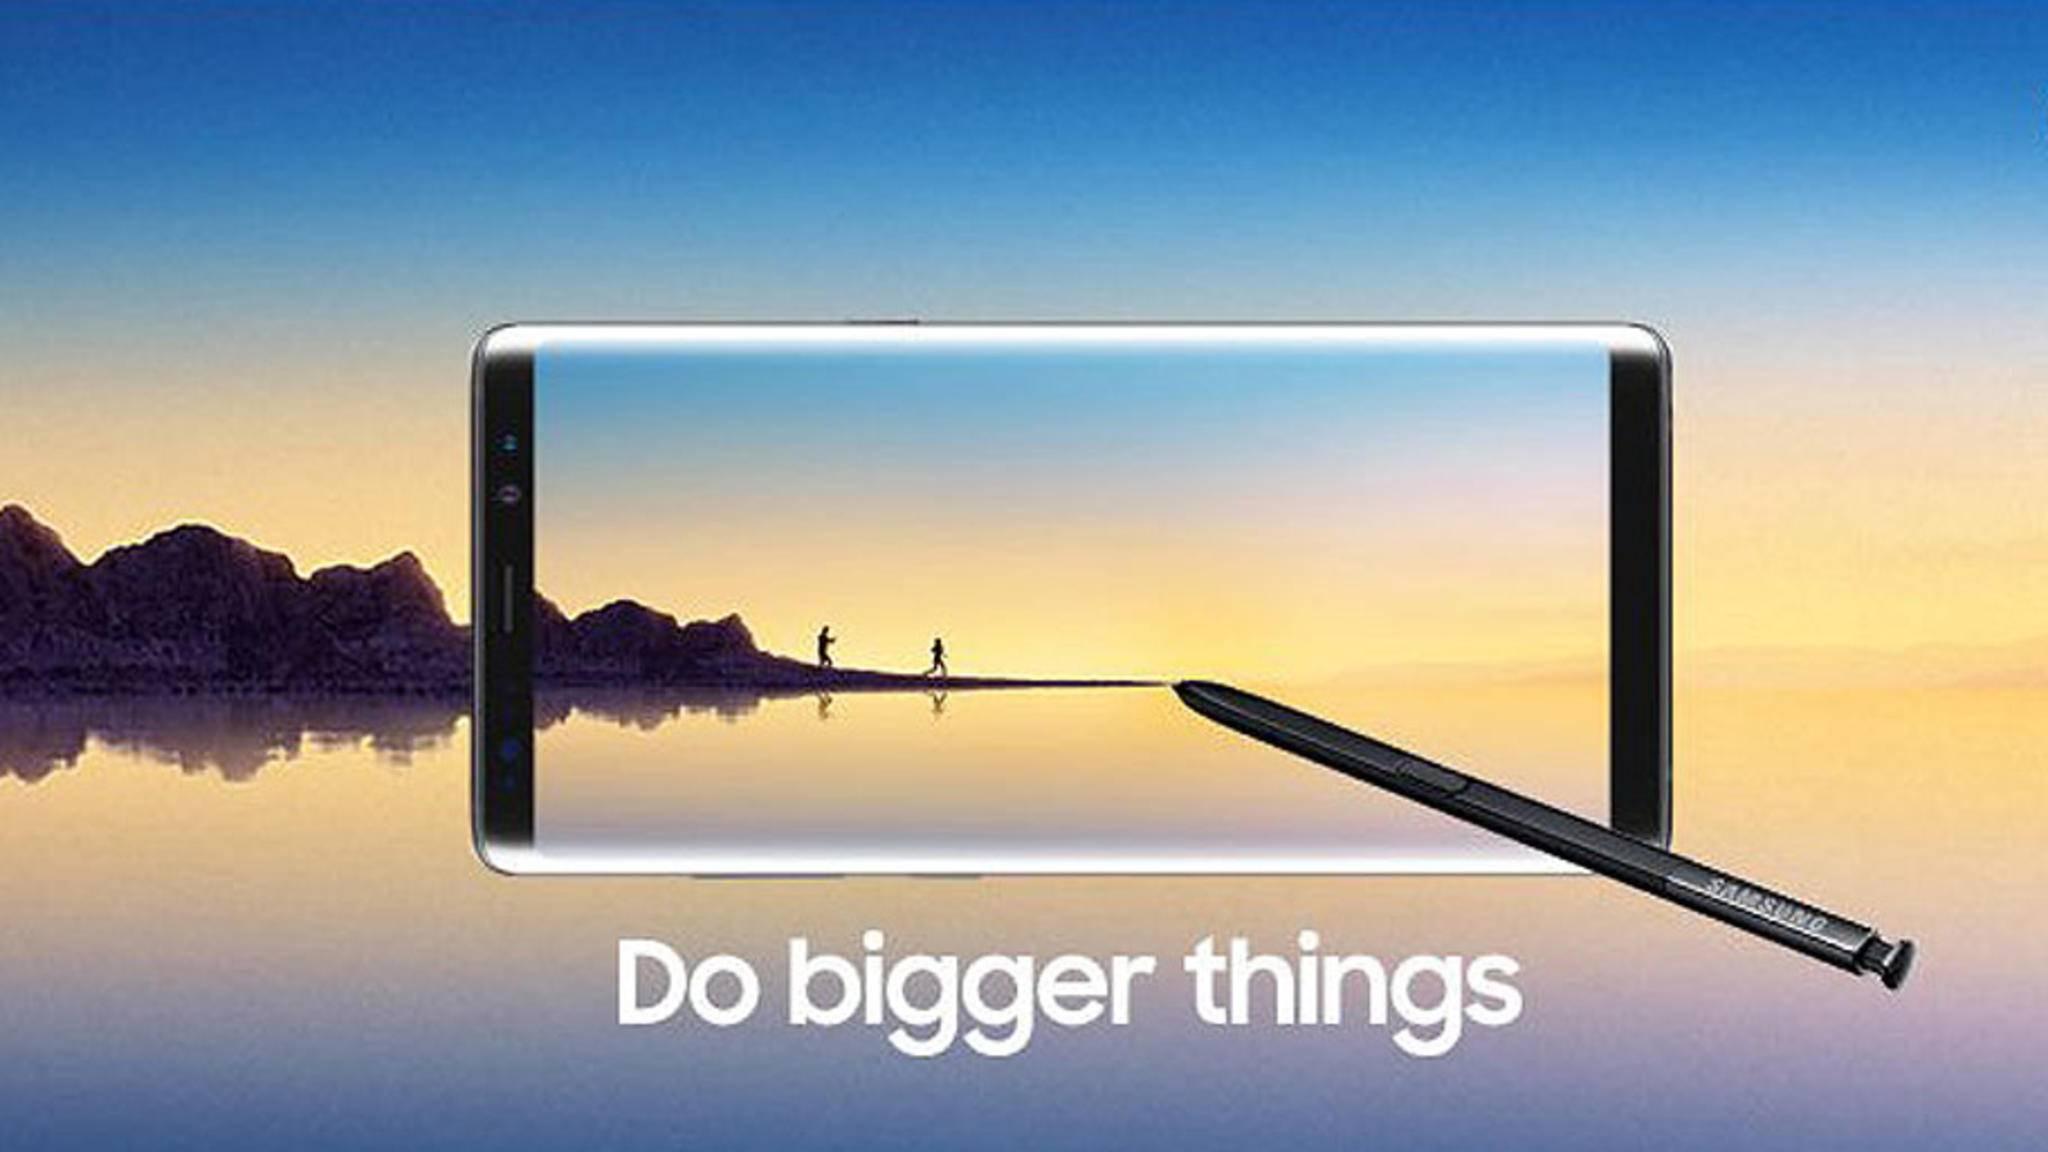 Mit diesem Bild will Samsung das Galaxy Note 8 angeblich bewerben.